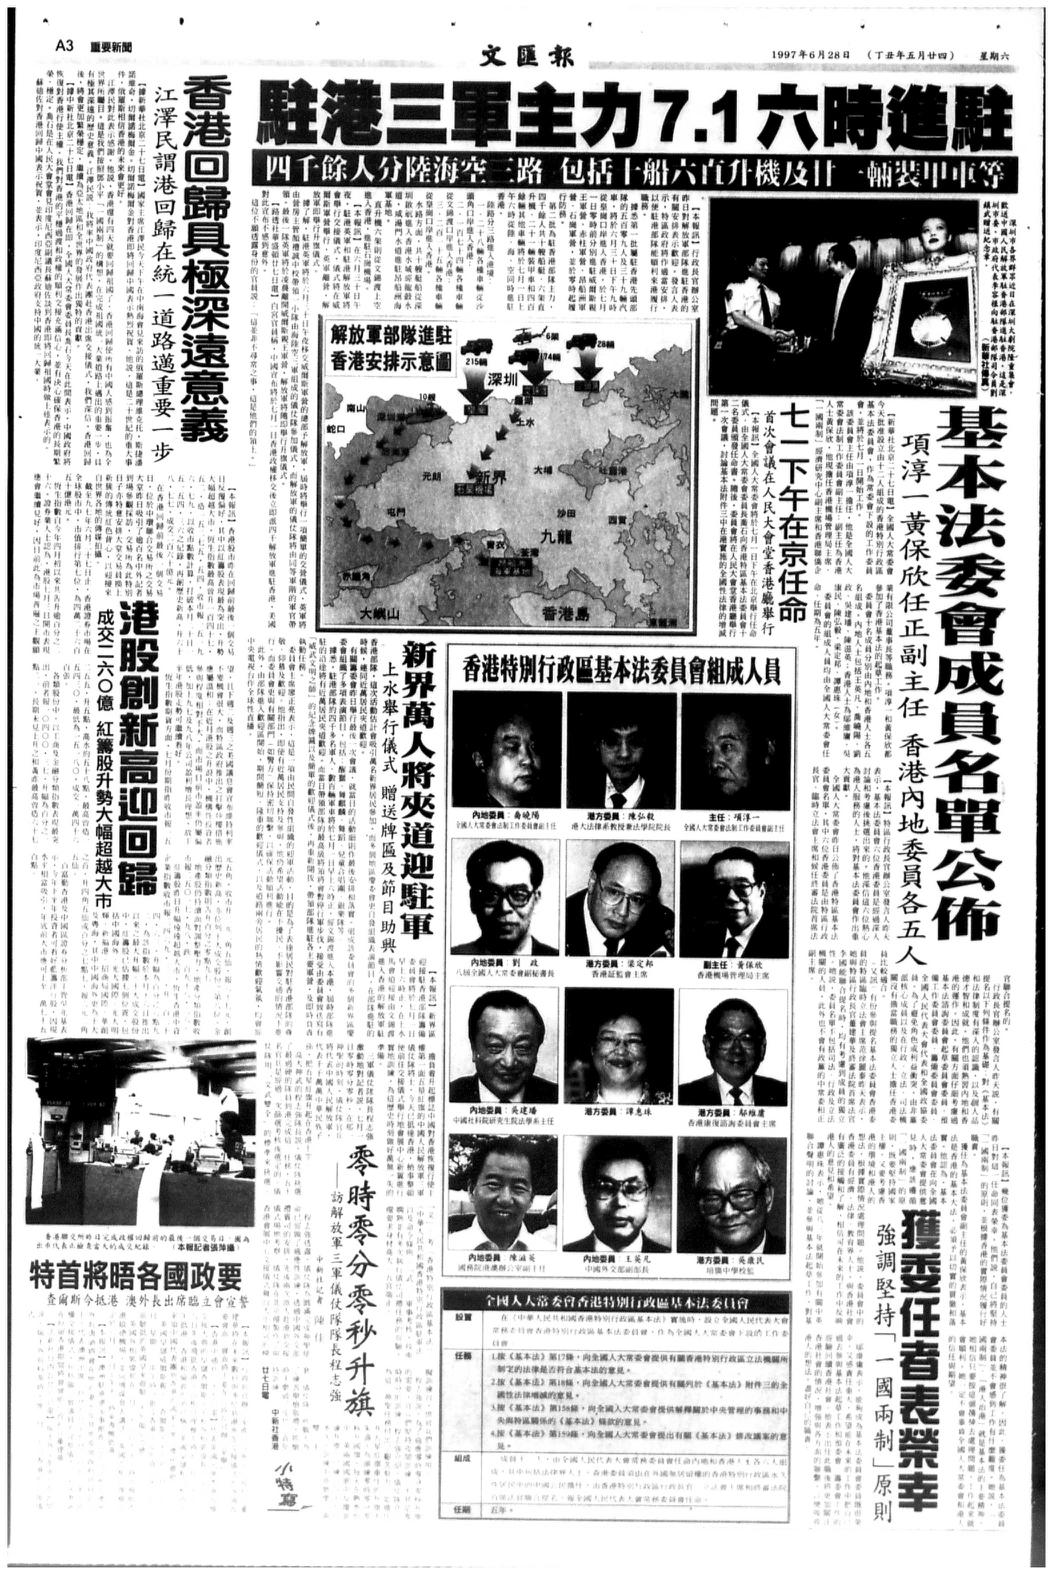 1997年6月28日,《文匯》指萬名市民計劃當日到新界迎接解放軍,人數是《蘋果》報導的兩倍。